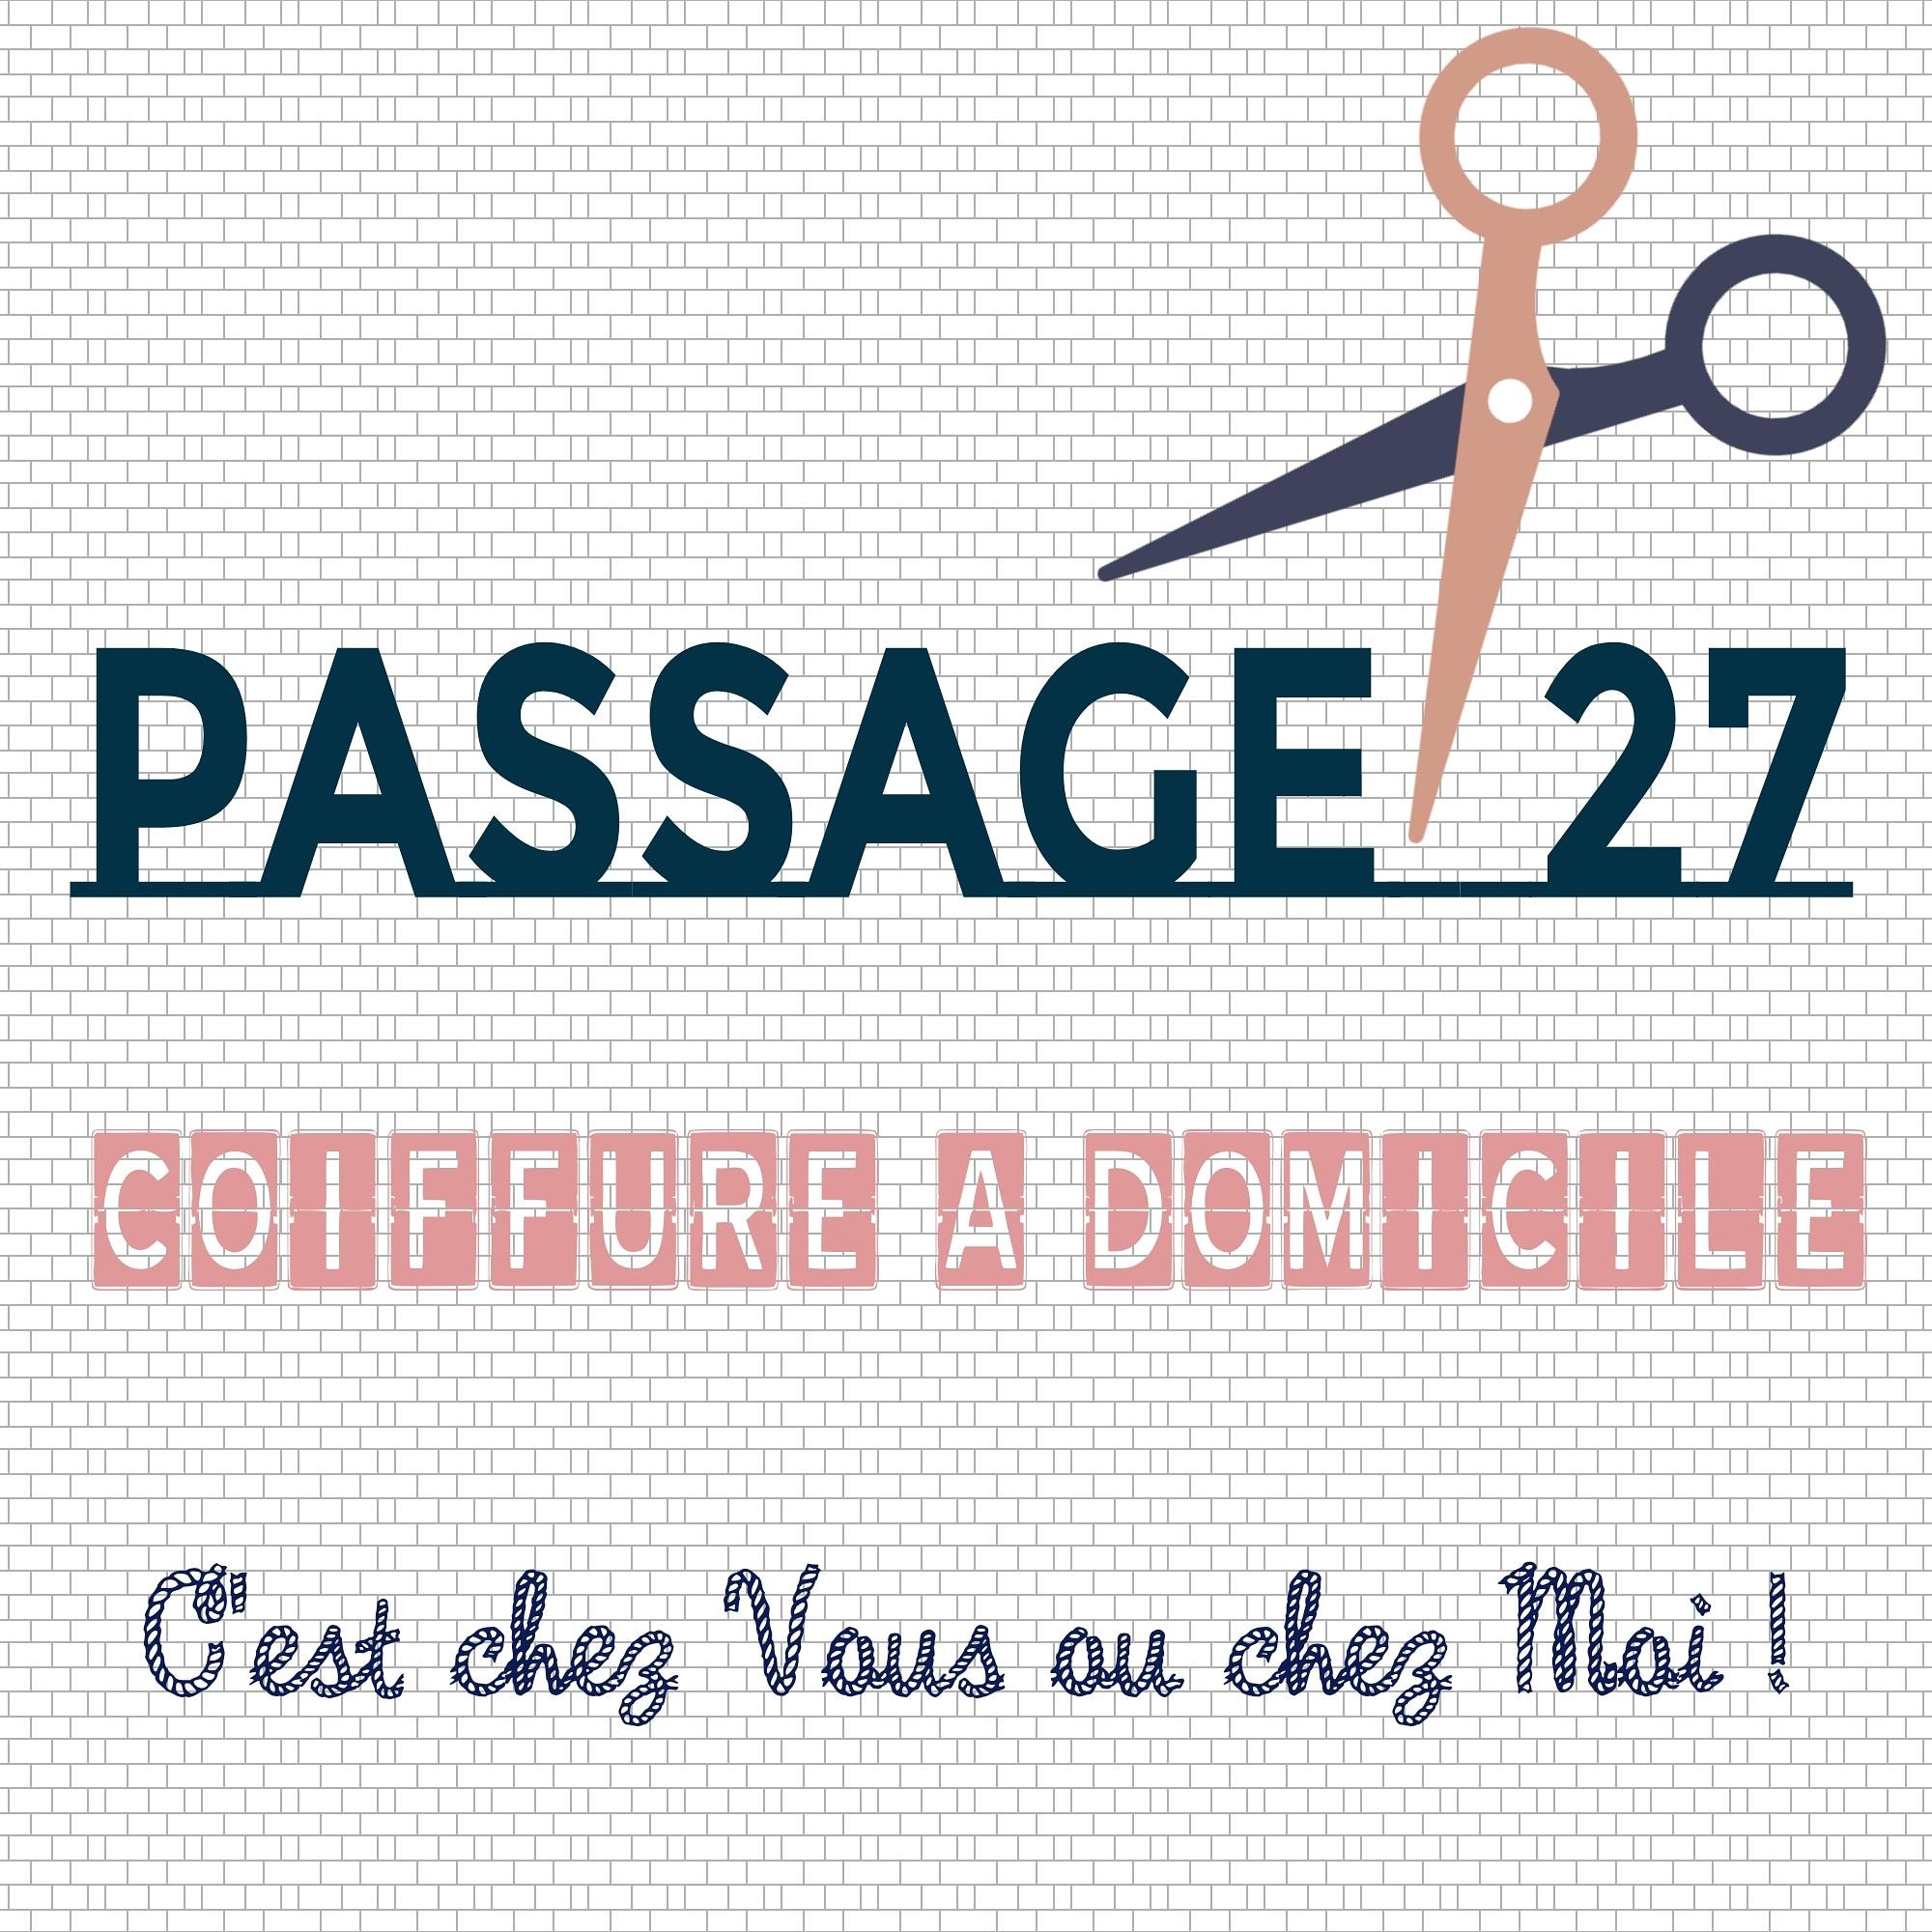 Passage27